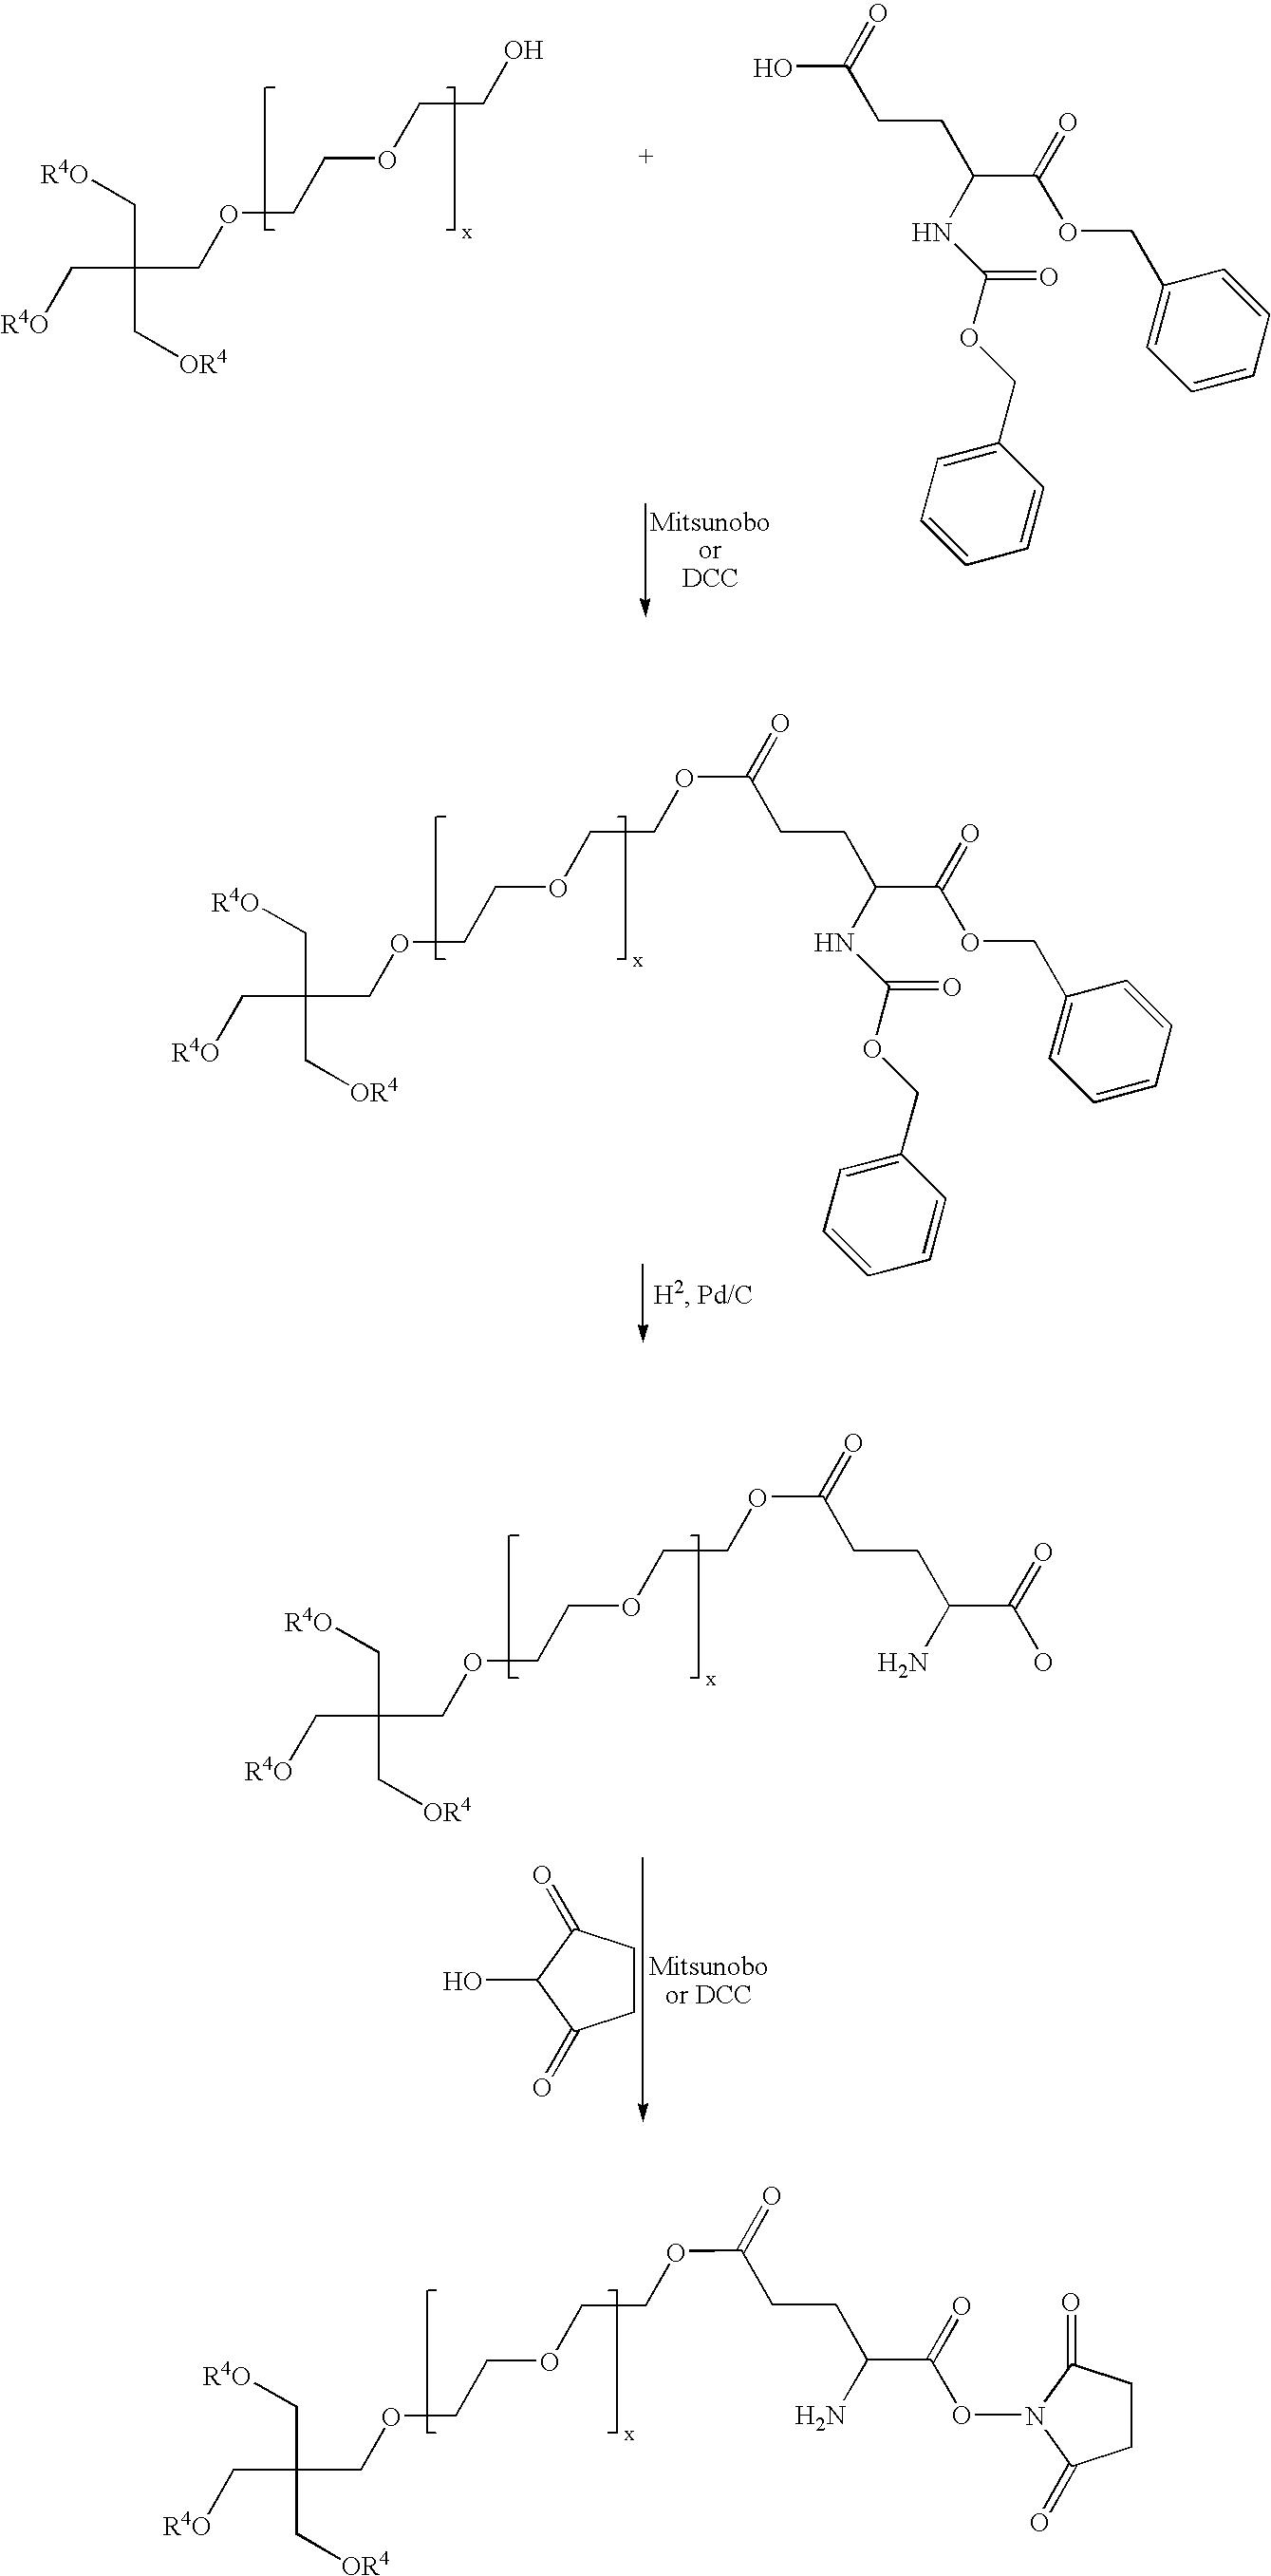 Figure US20050196421A1-20050908-C00115